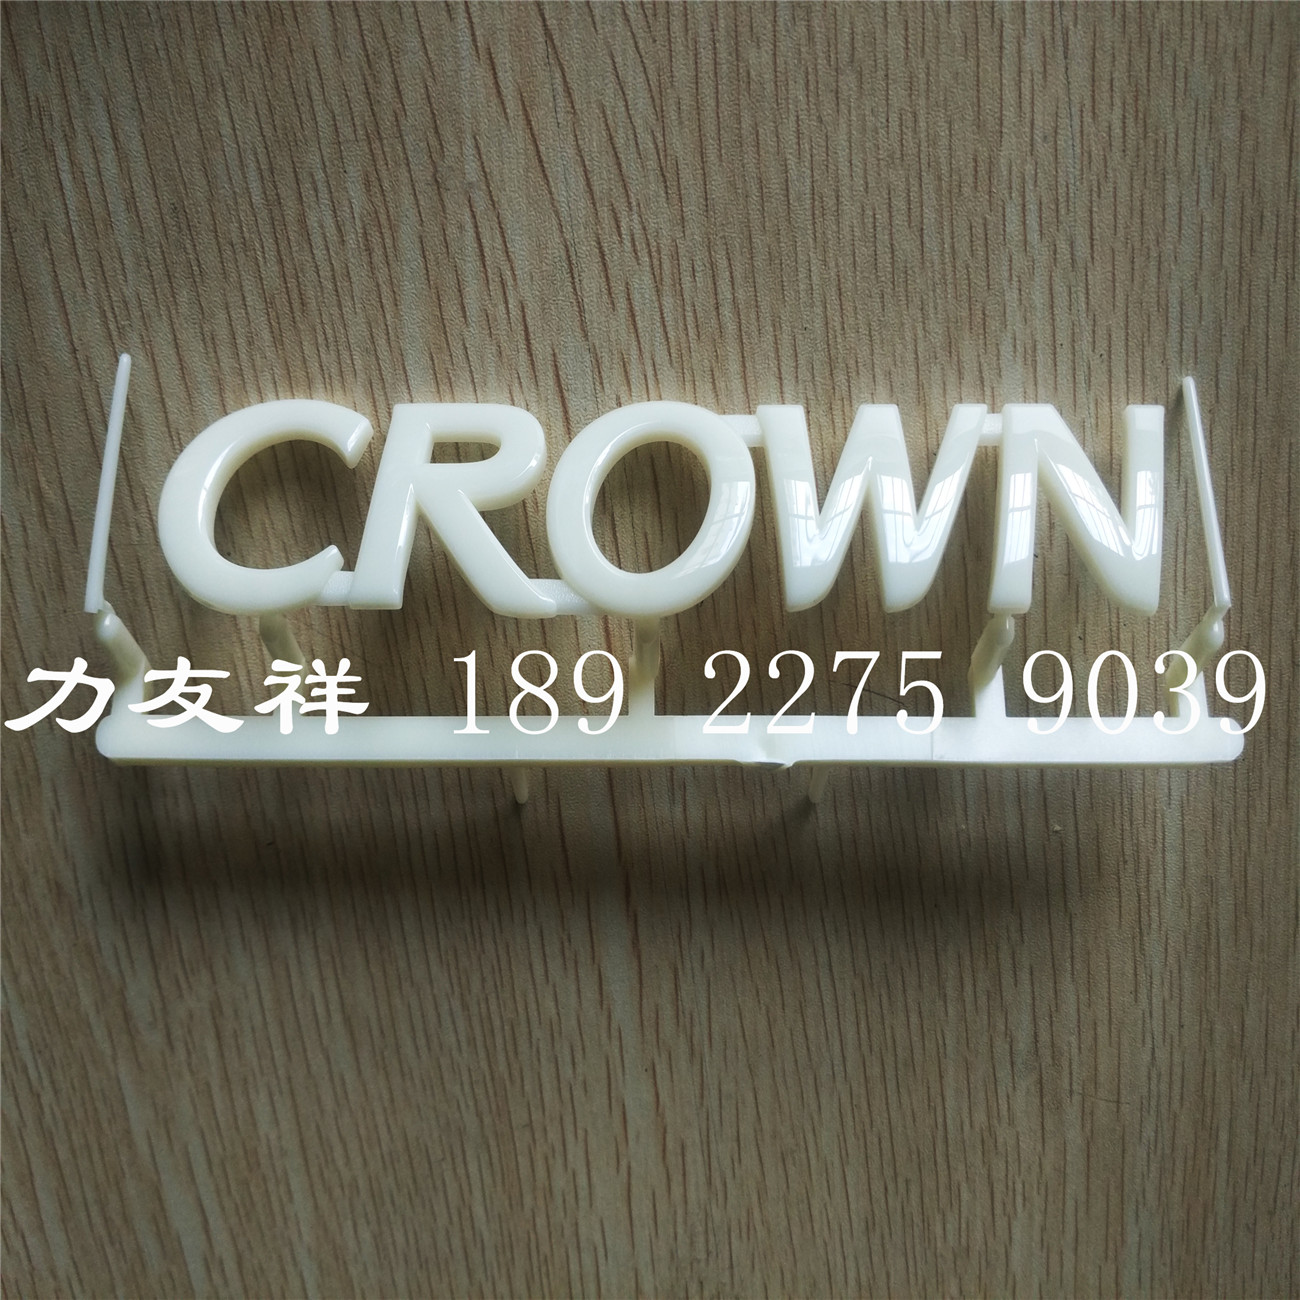 CROWN字牌